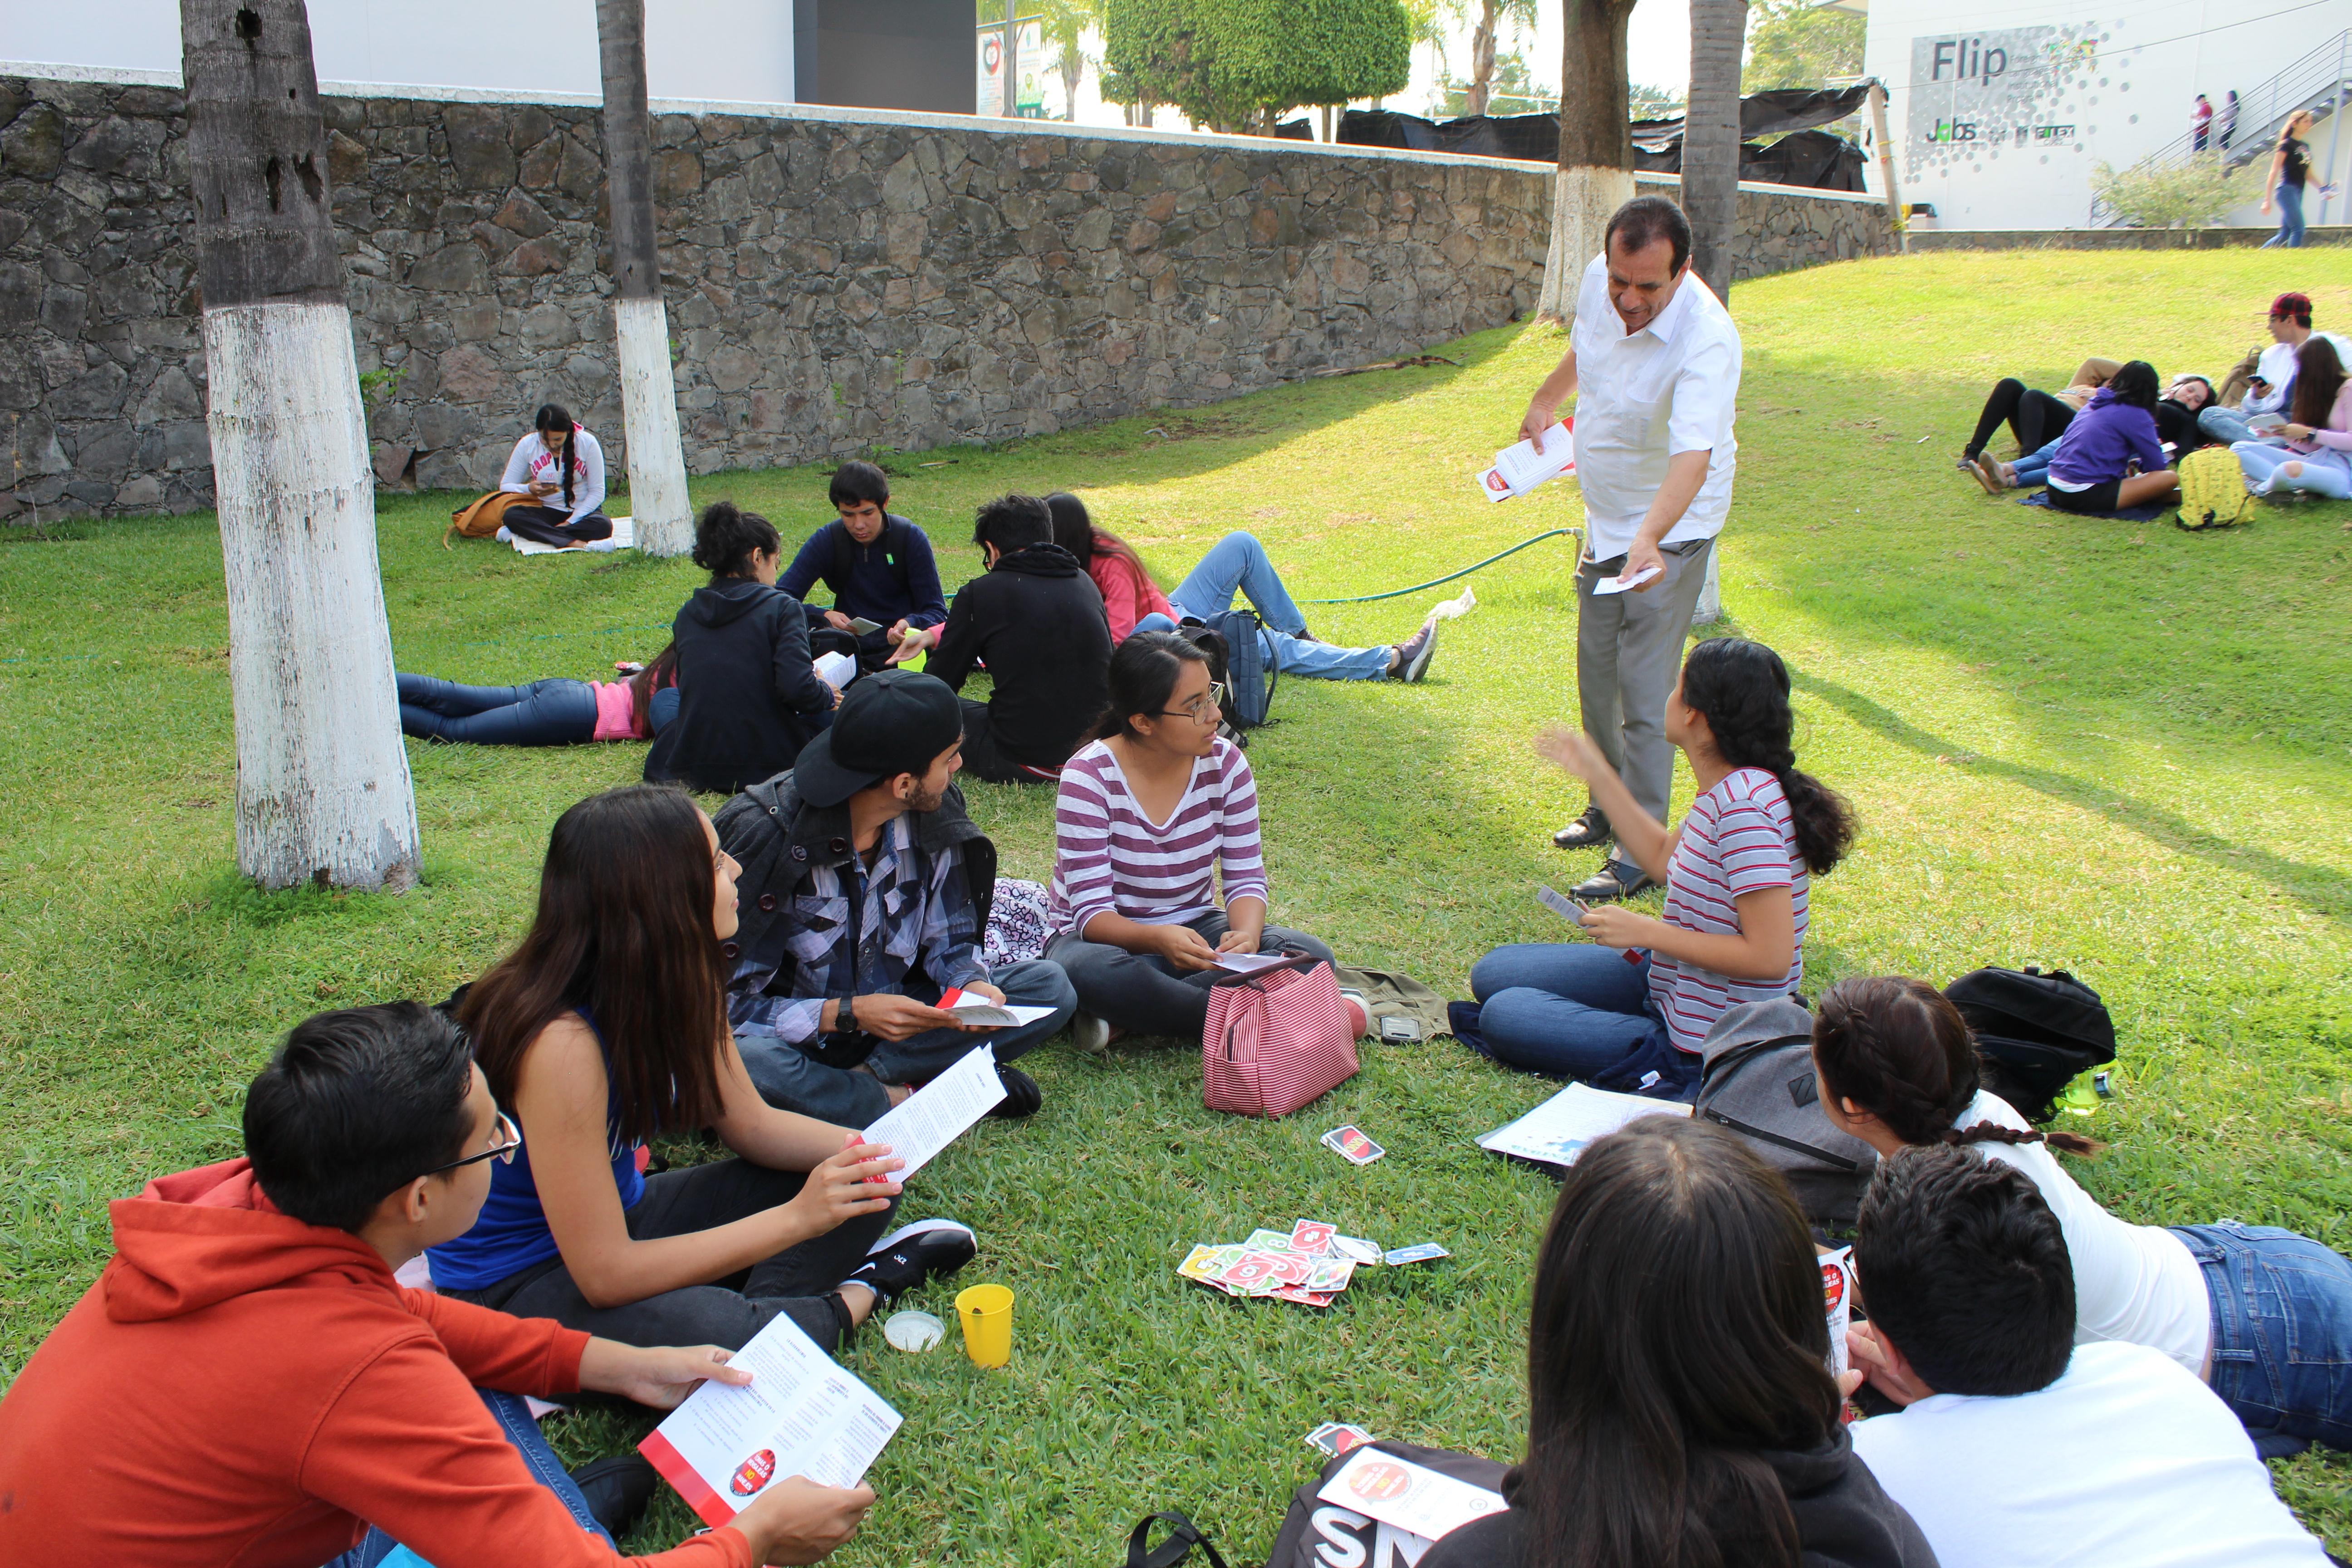 Diputado hablando de su campaña con alumnos reunidos en uno de los jardines